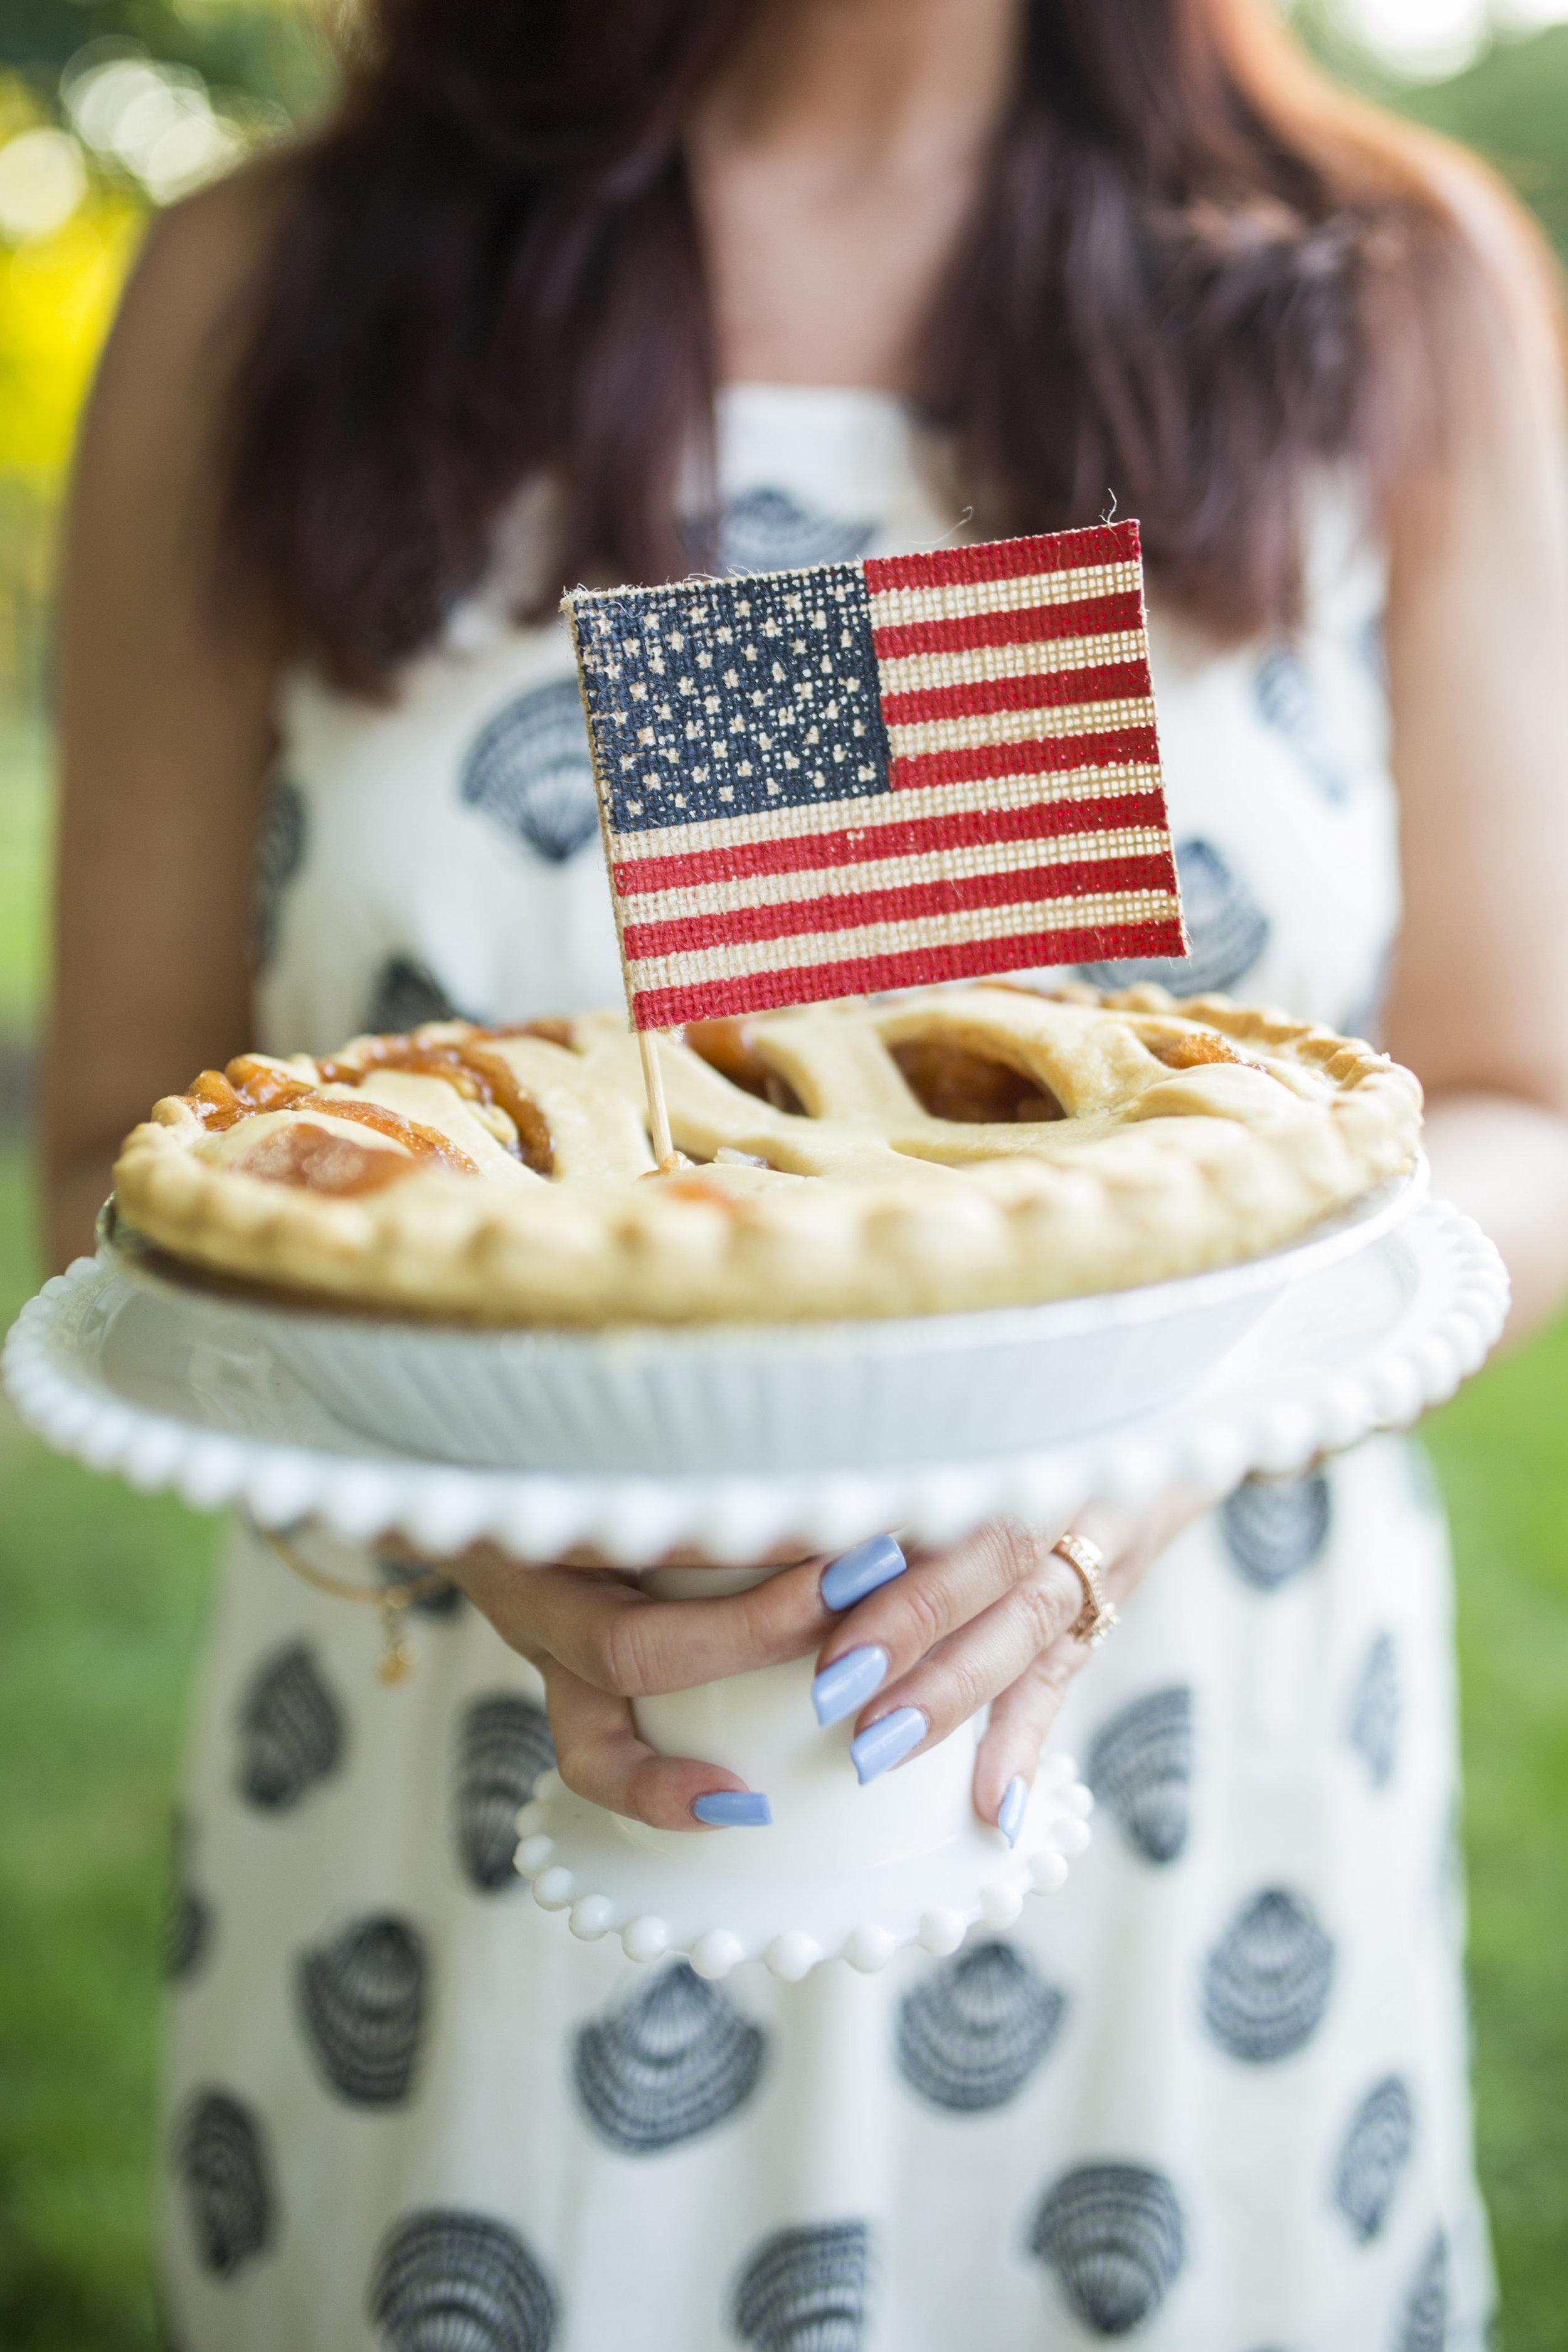 Patriotic Party Inspiration by Event Prep with Haley Elizabeth Studios-0044 copy.jpg